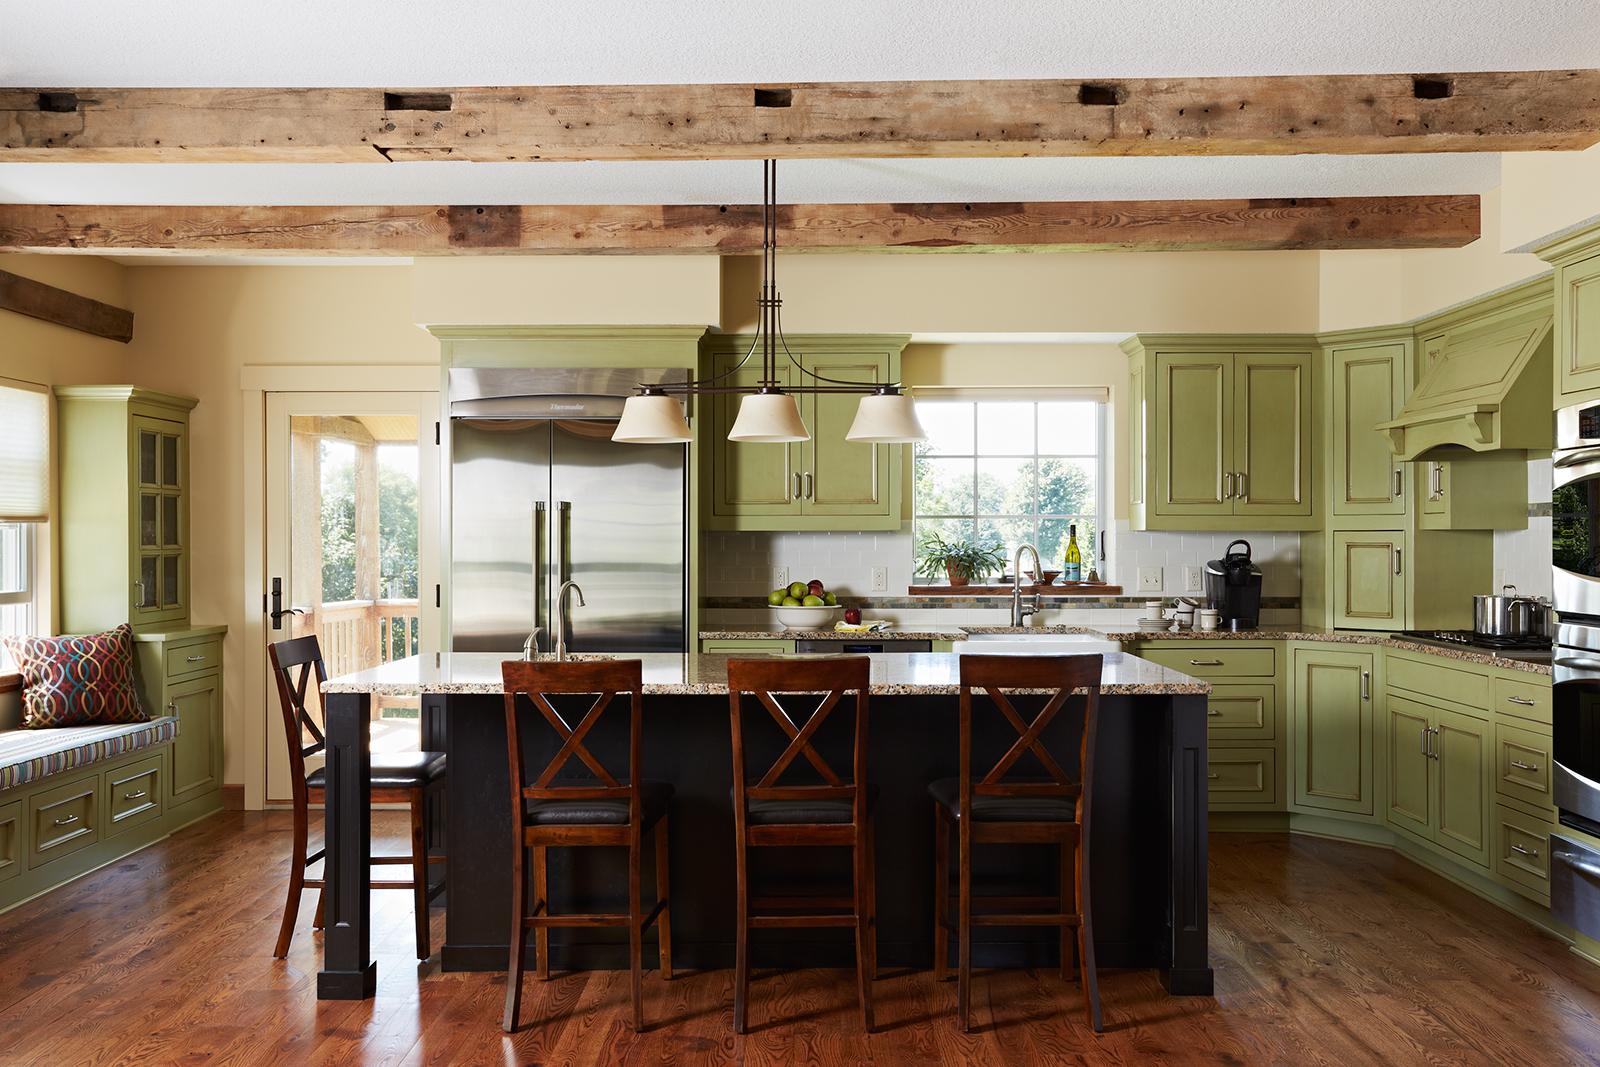 Barn_kitchen-v1_lrg.jpg